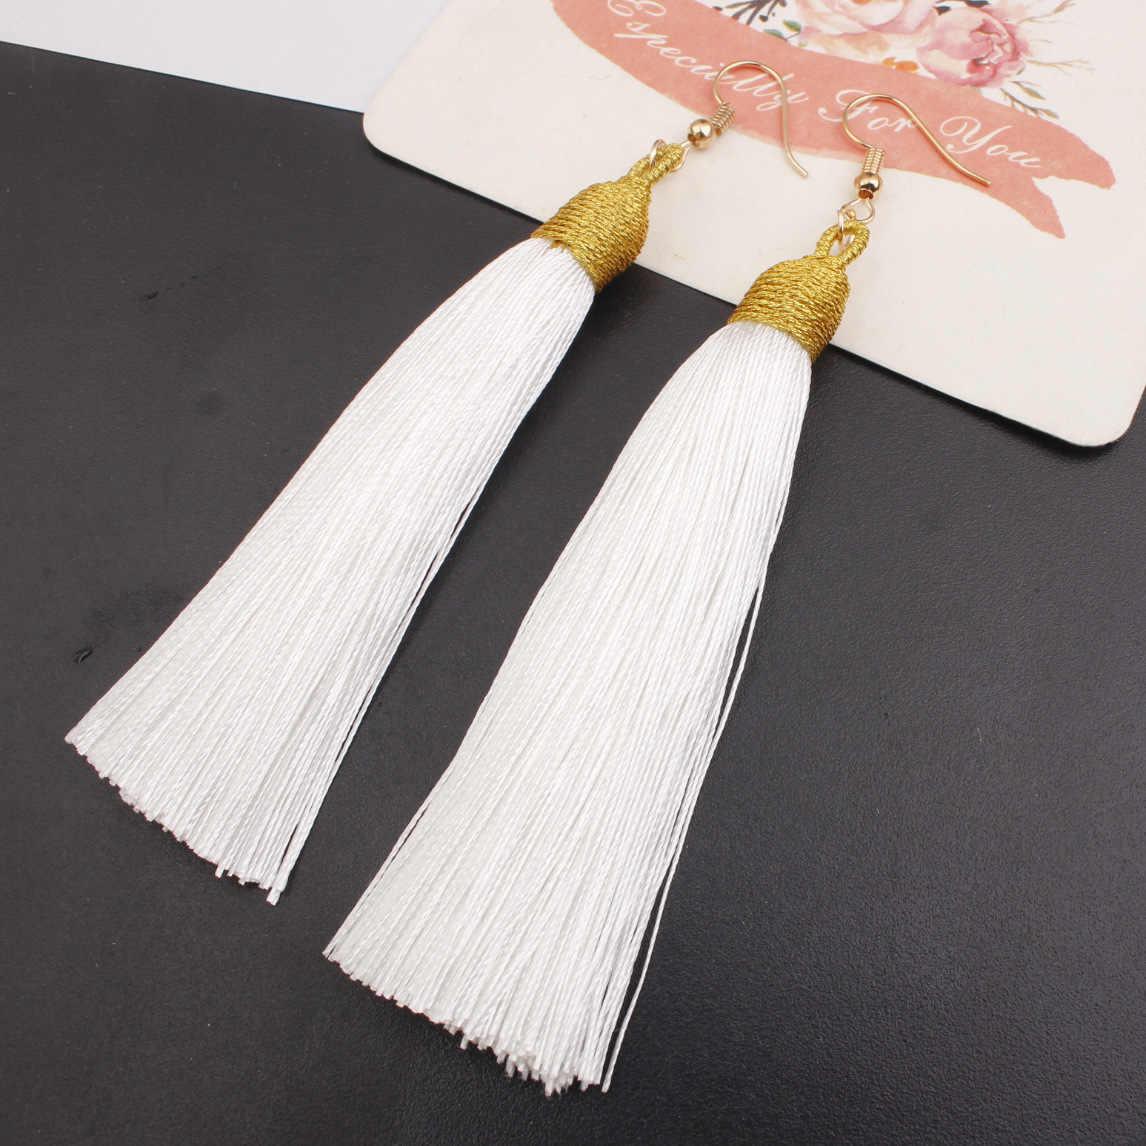 ใหม่คริสตัลยาวพู่ต่างหู Boho Bohemian สีดำสีแดงสีขาวผ้าไหมผ้าด้ายดอกไม้ drop ต่างหู dangle เครื่องประดับ